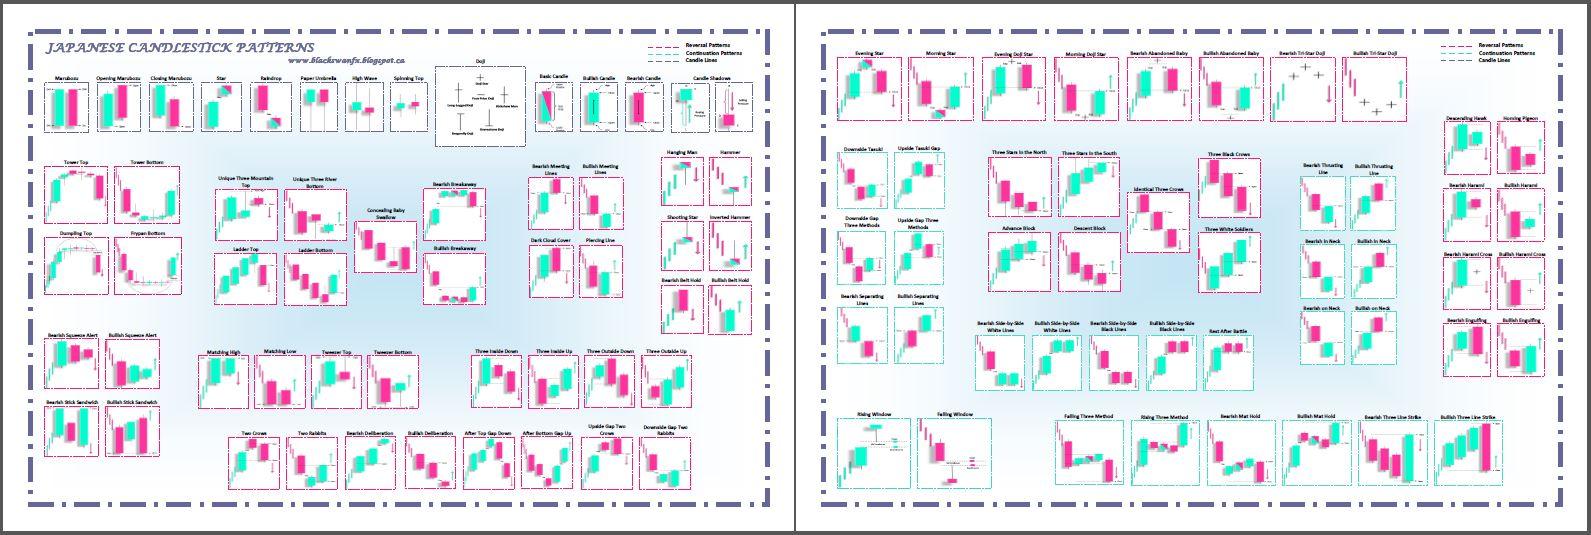 bináris opciók, regisztrációhoz betéti bónusz nélkül)